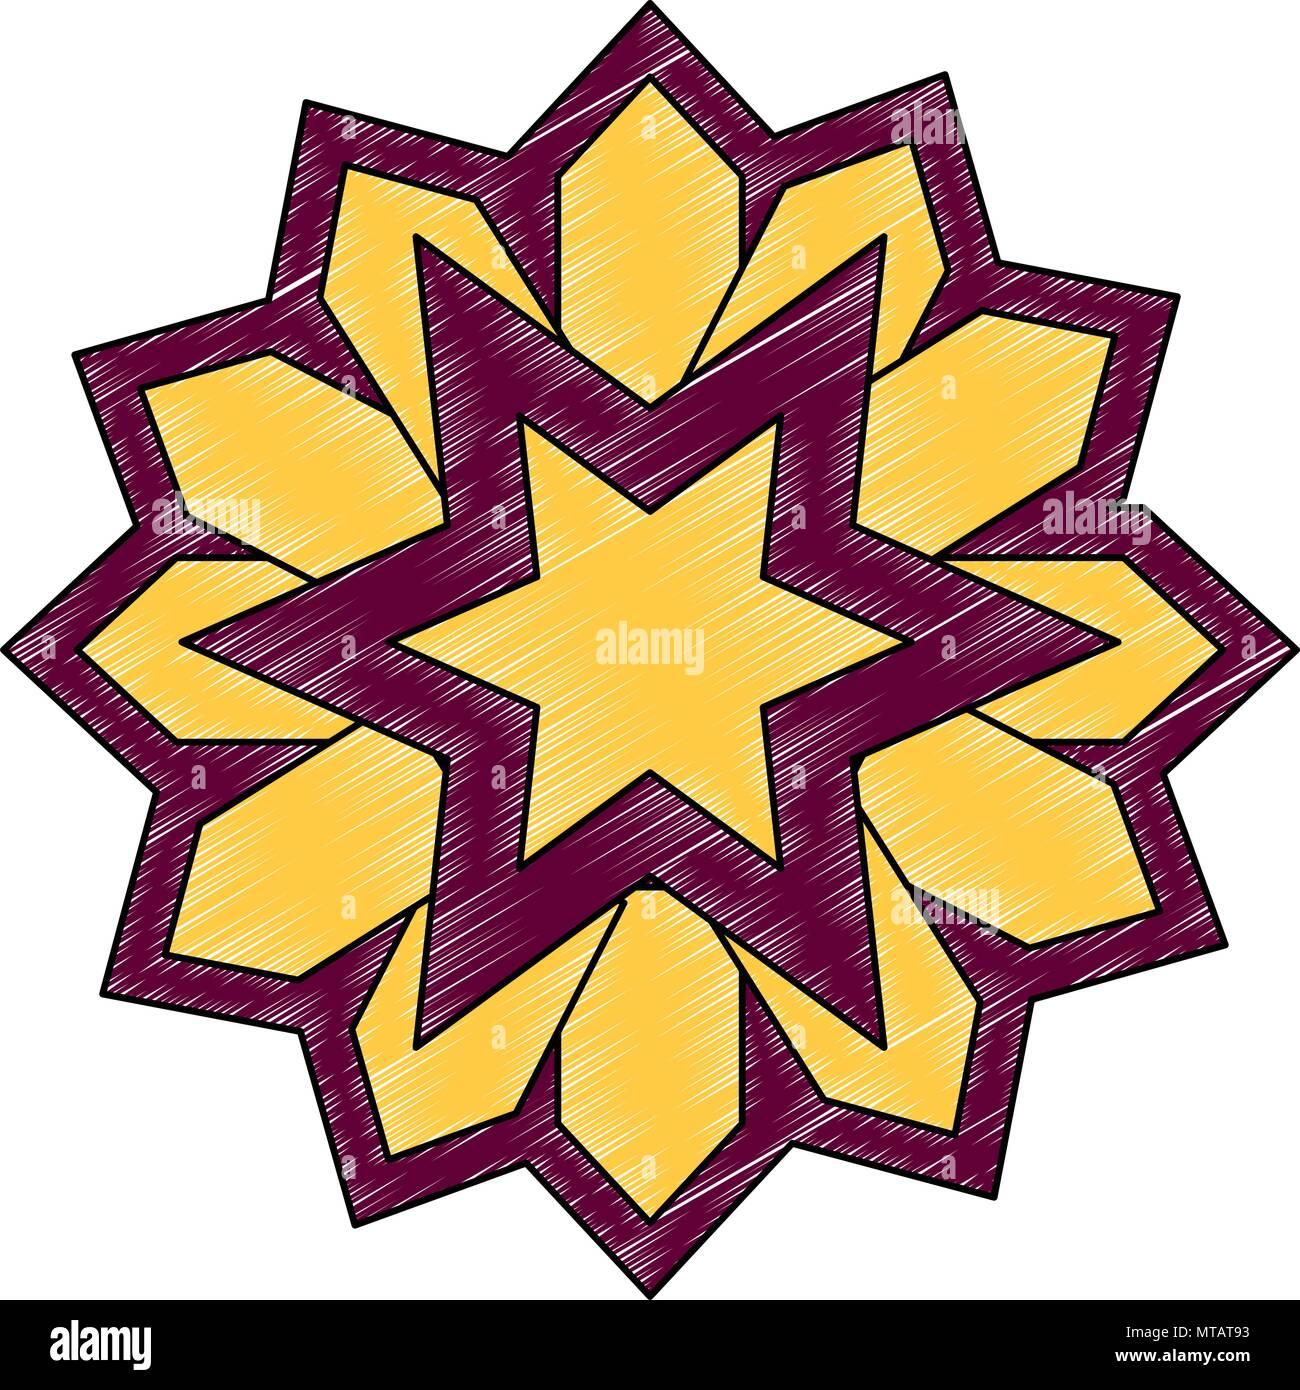 mandala decorative ramadan kareem - Stock Image